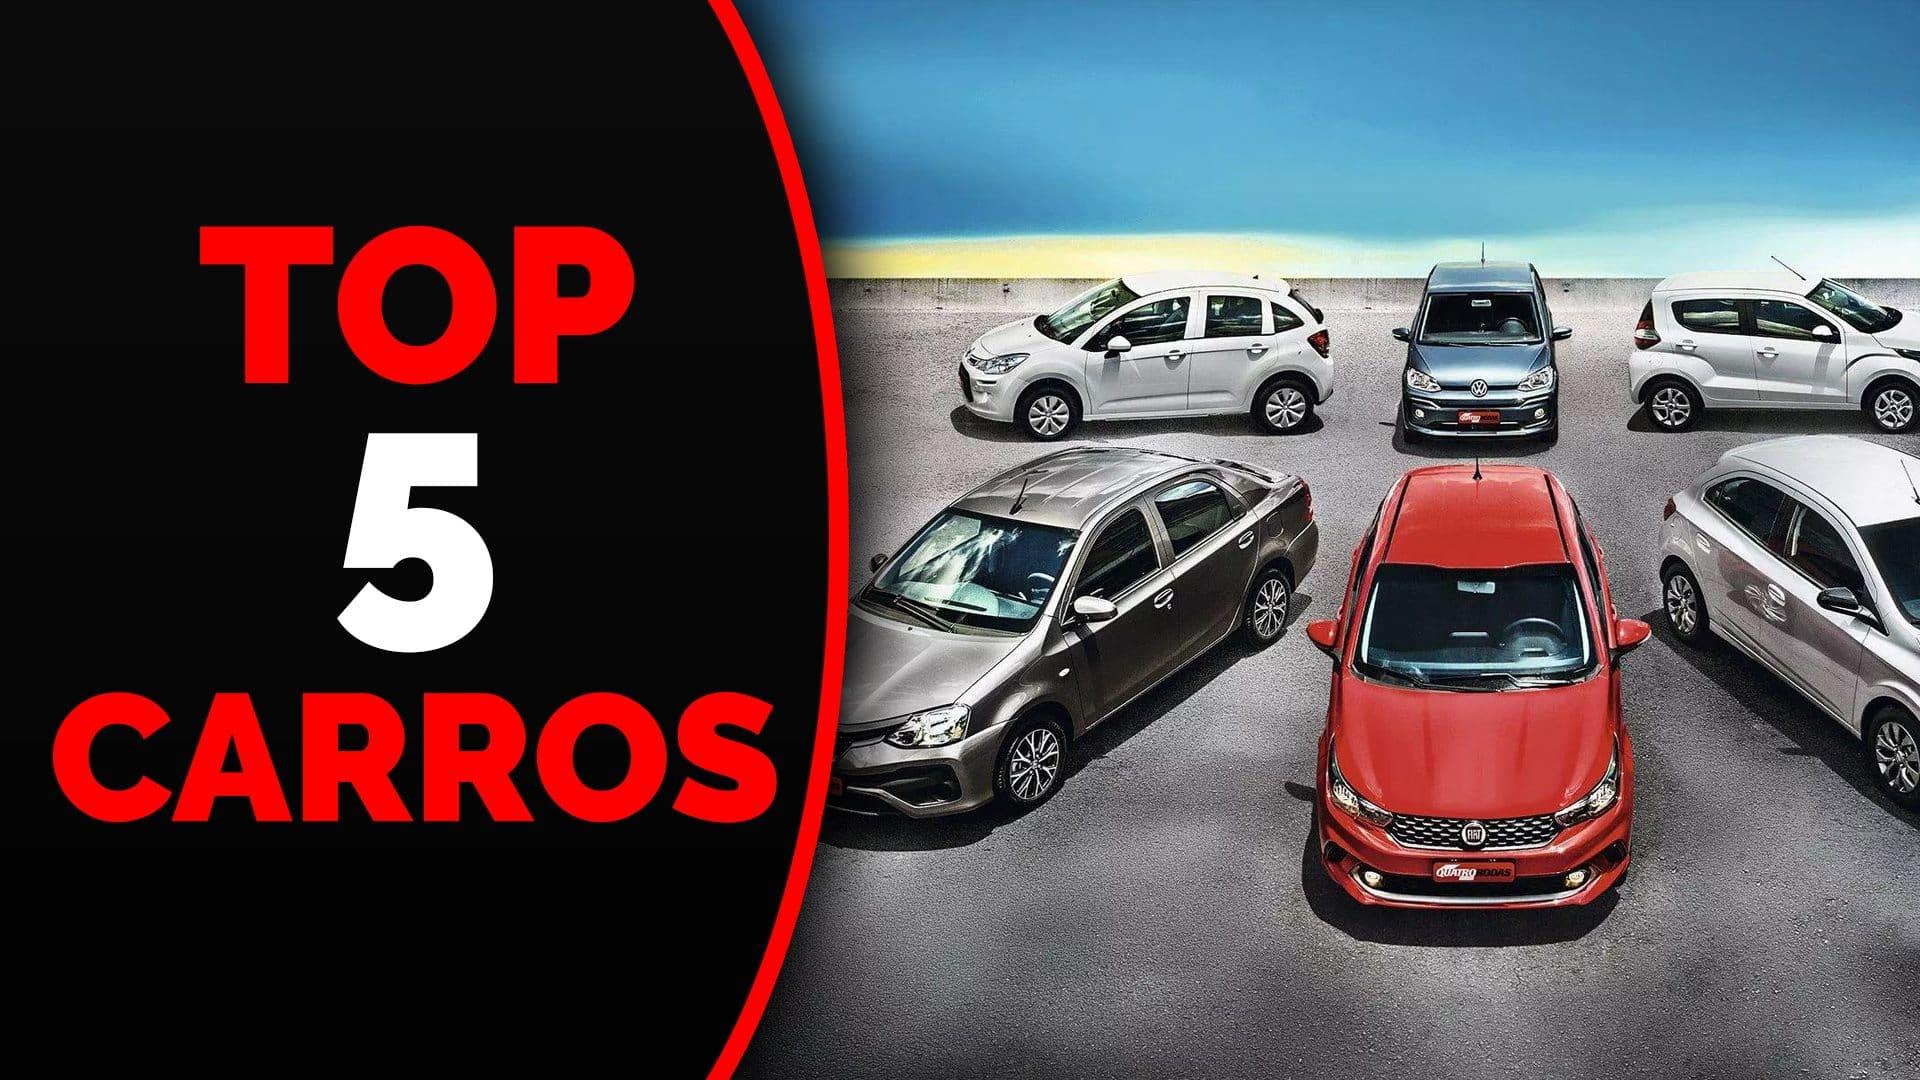 Top 5 Carros para Uber